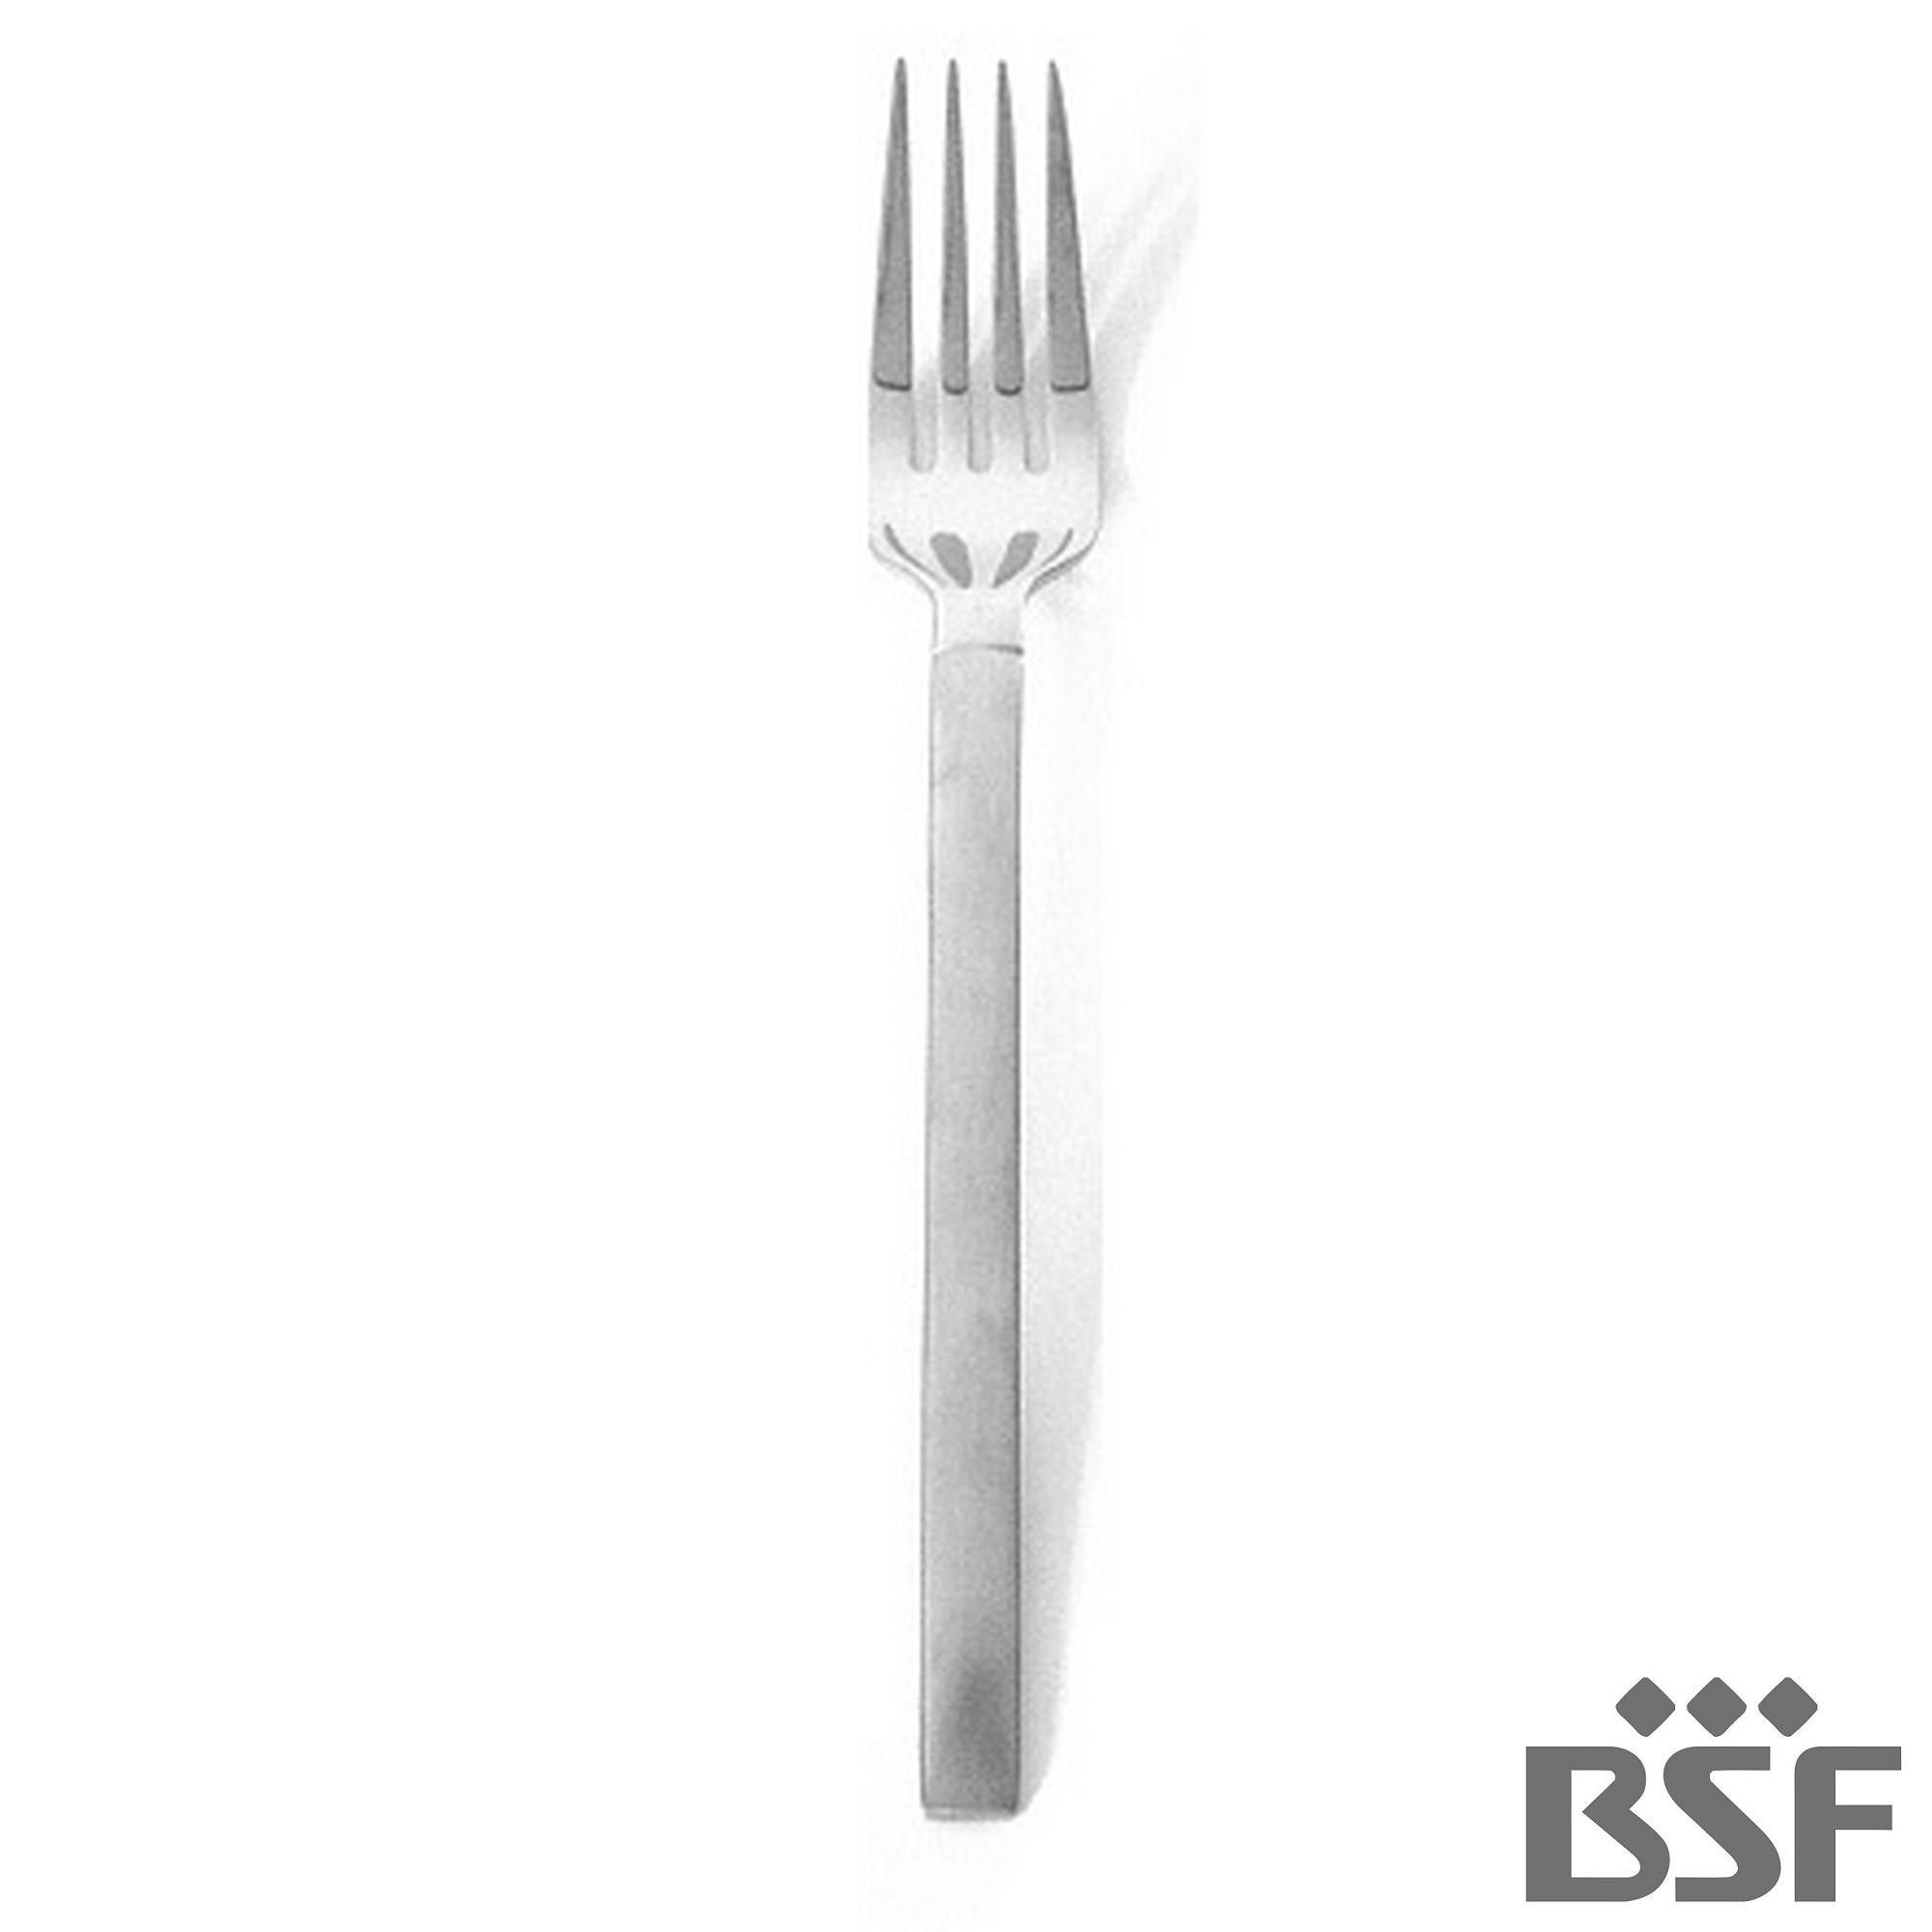 Garfo de Mesa BSF Carrara Avulso Caixa com 10 Peças